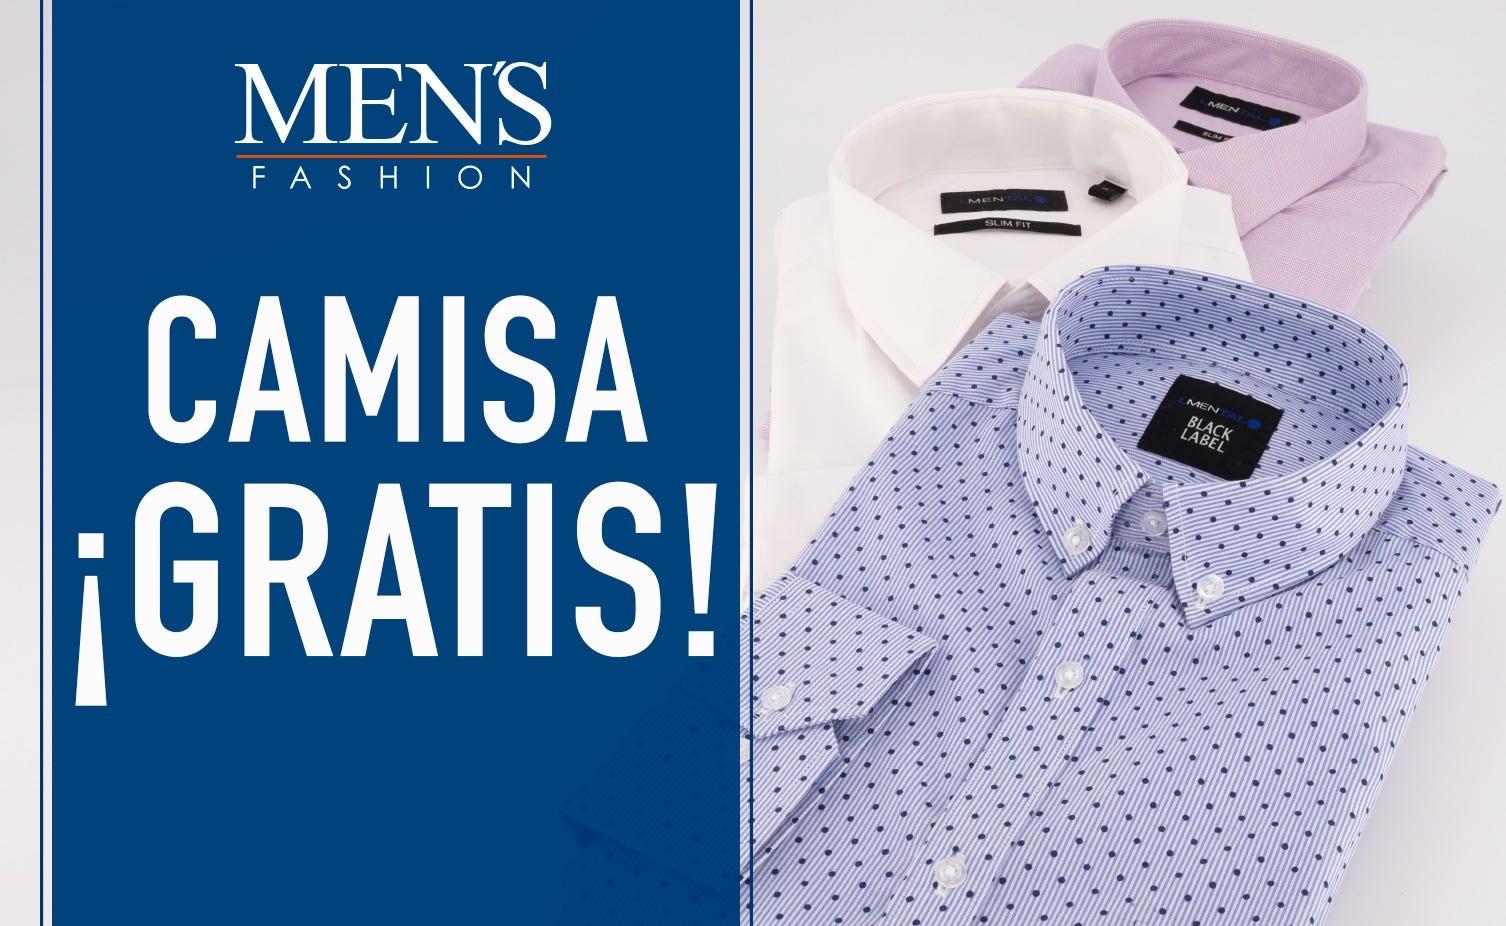 Men's Fashion: Camisa Gratis